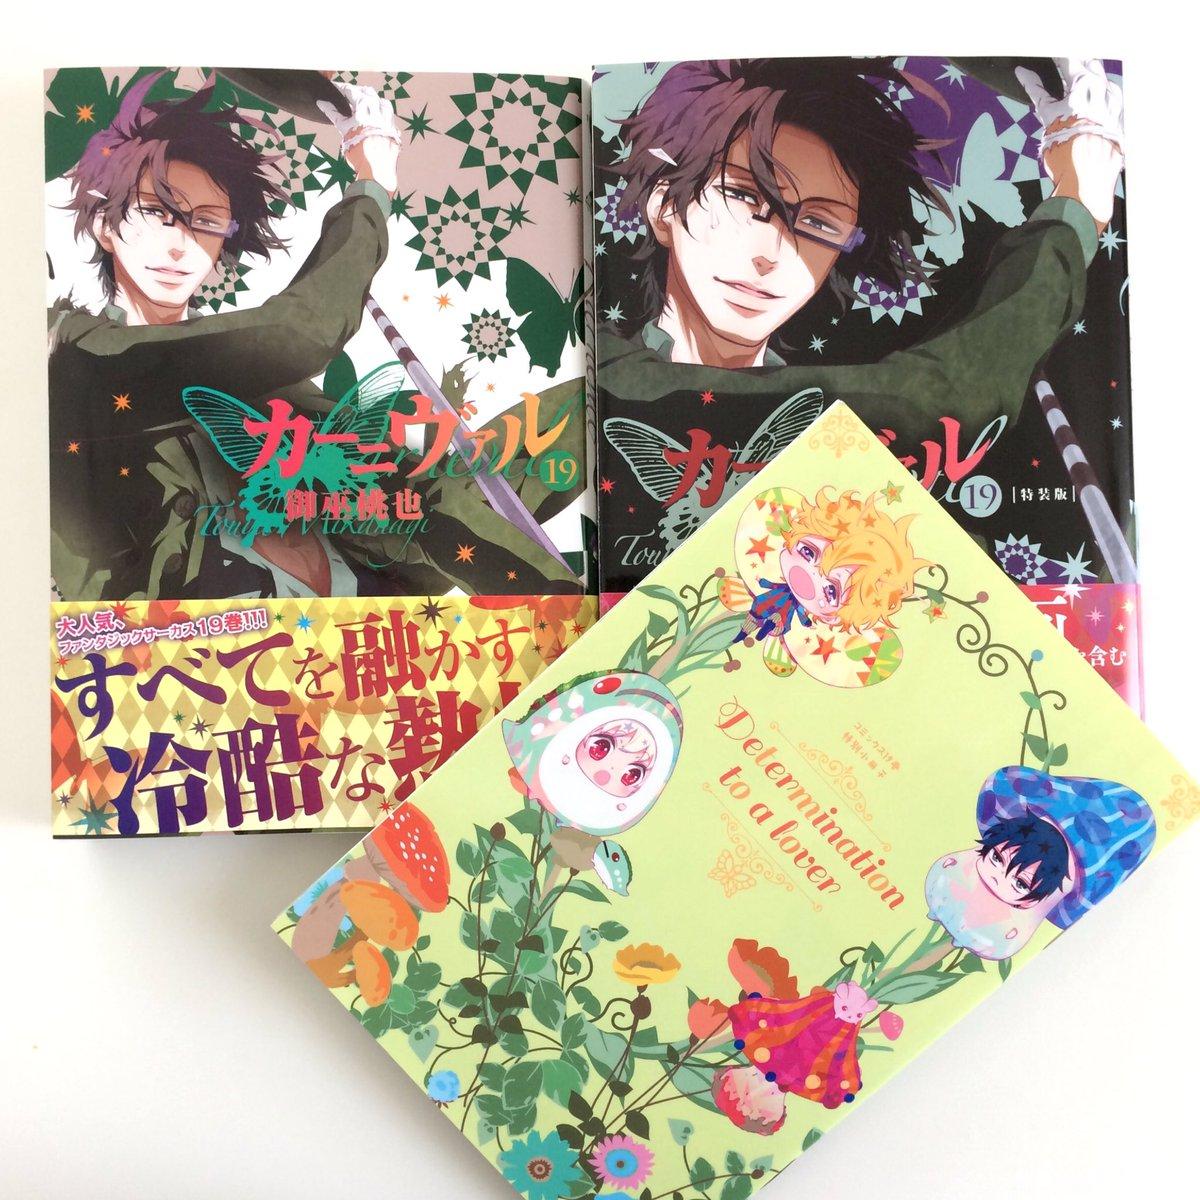 4/25発売、カーニヴァル第19巻の献本を頂きました!嬉しいです〜発売したら楽しんで頂けますように。